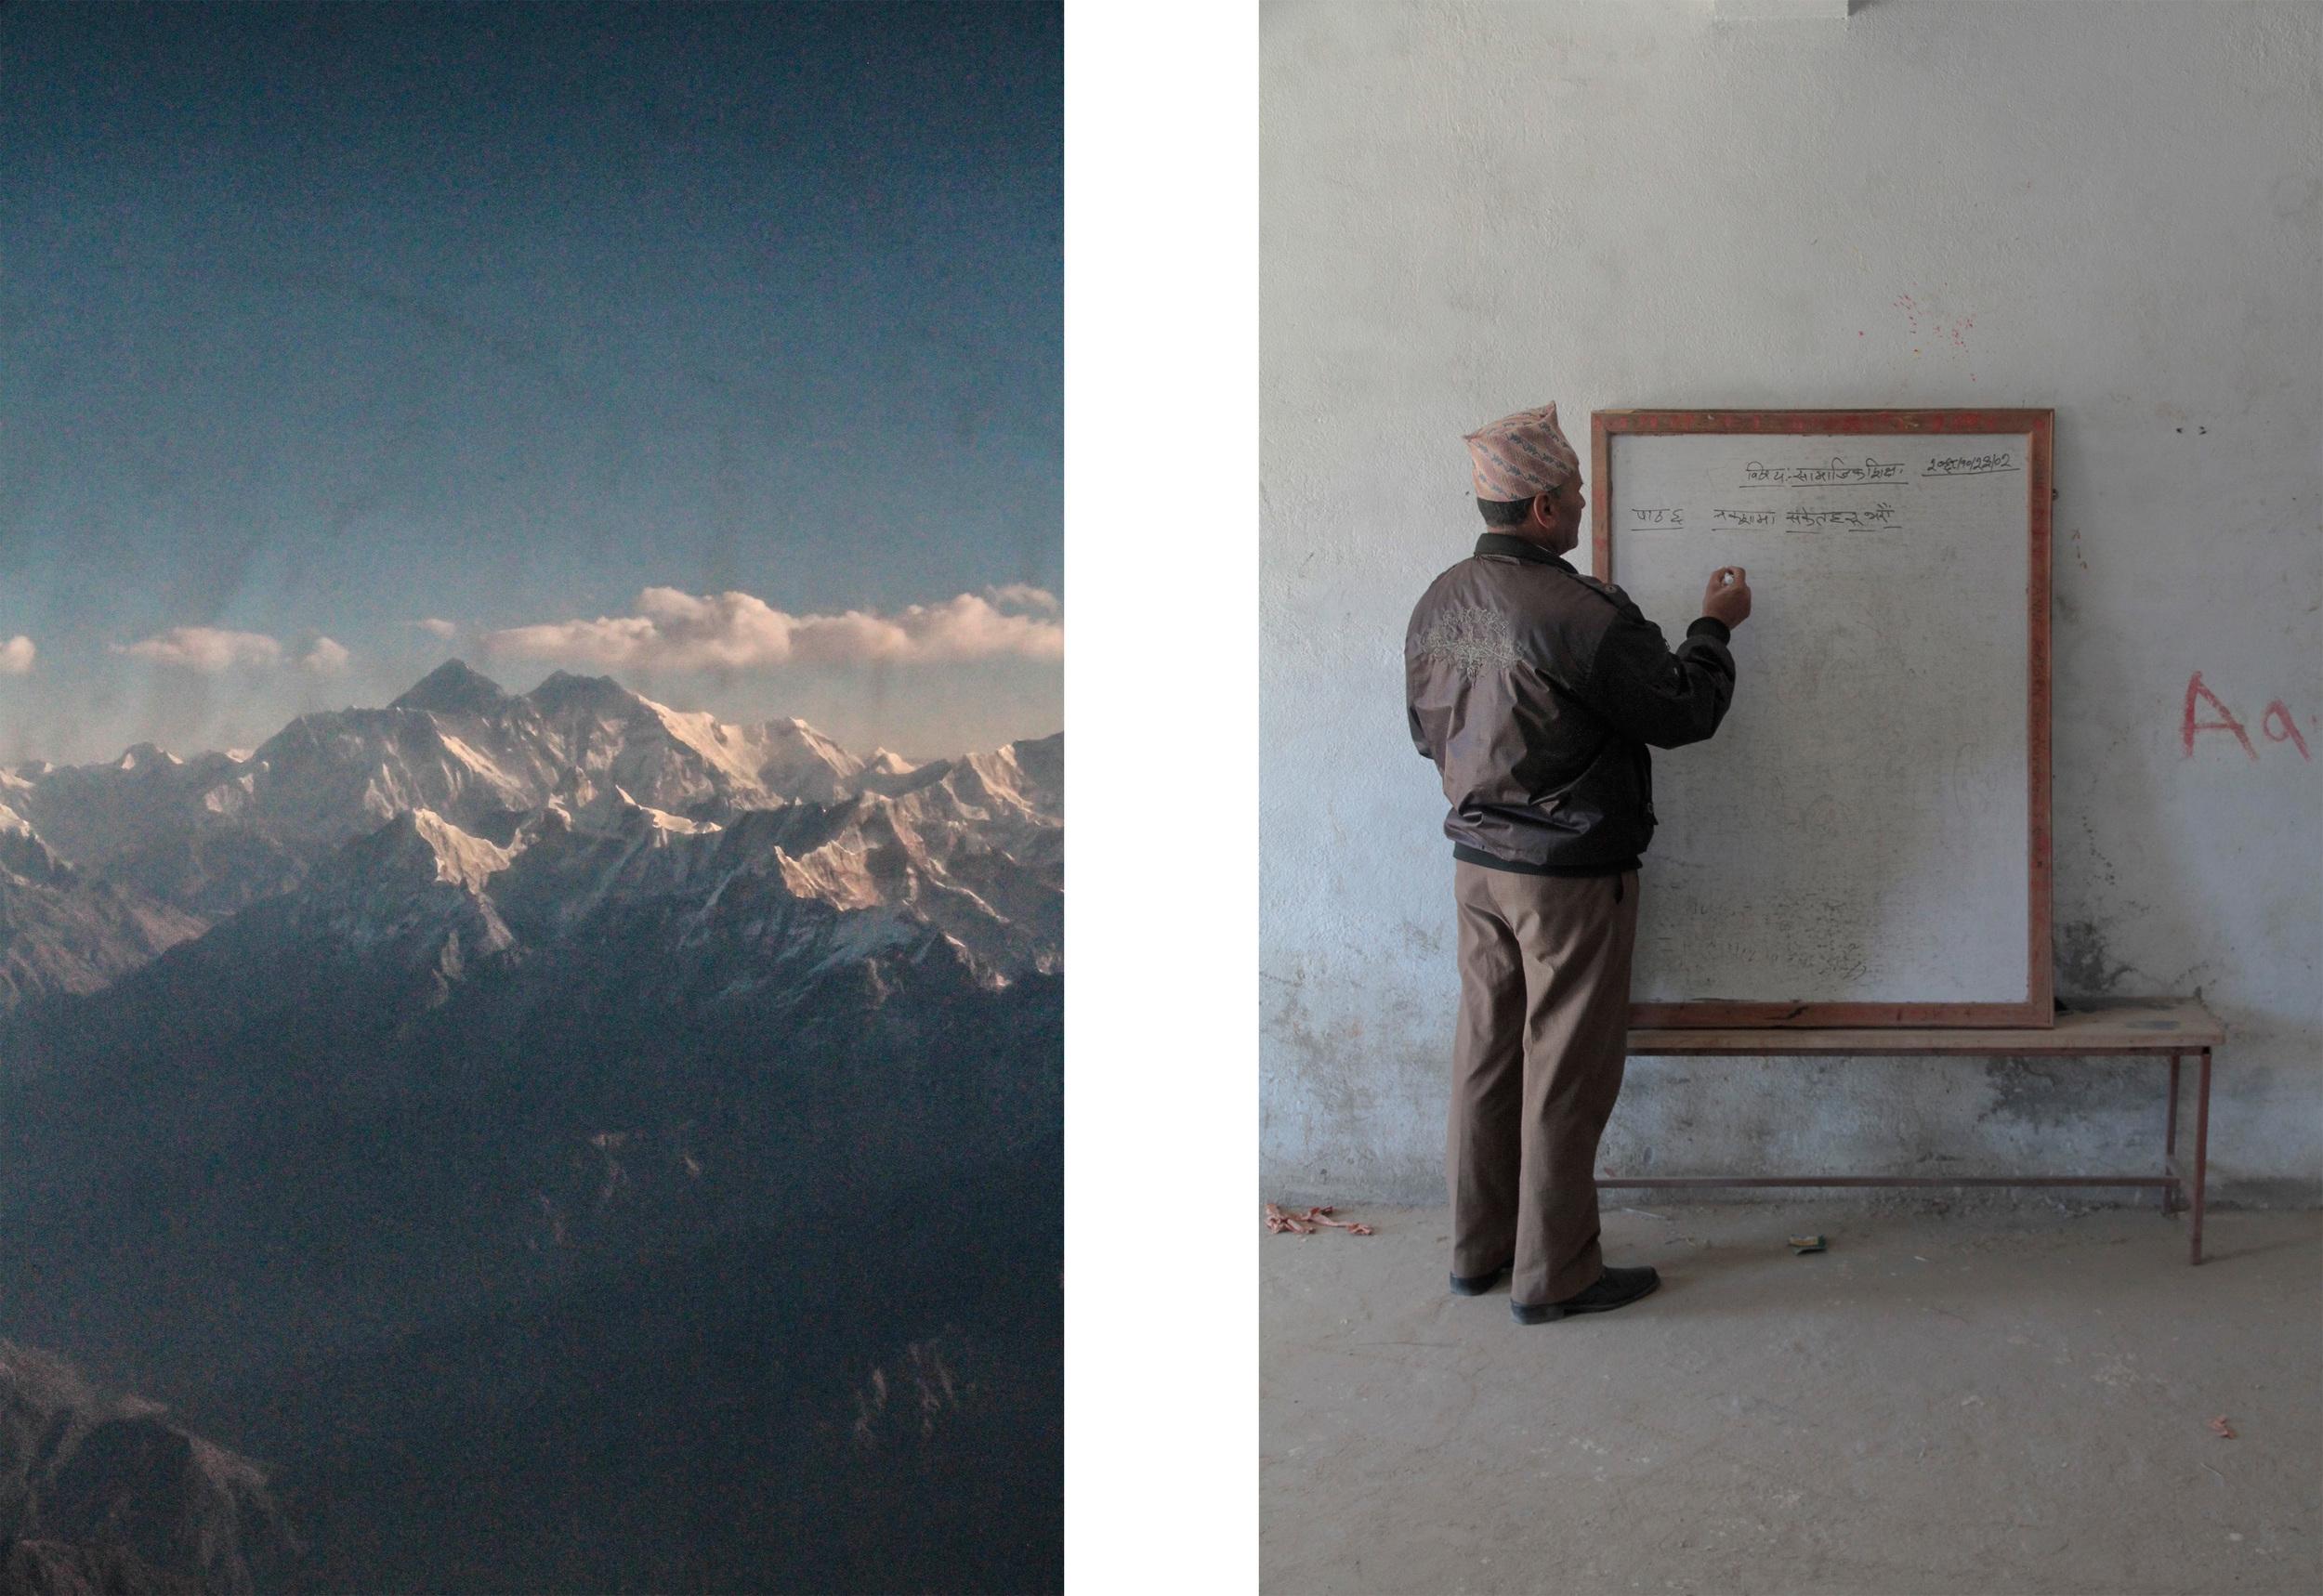 Mountain village teacher. Kathmandu, Nepal